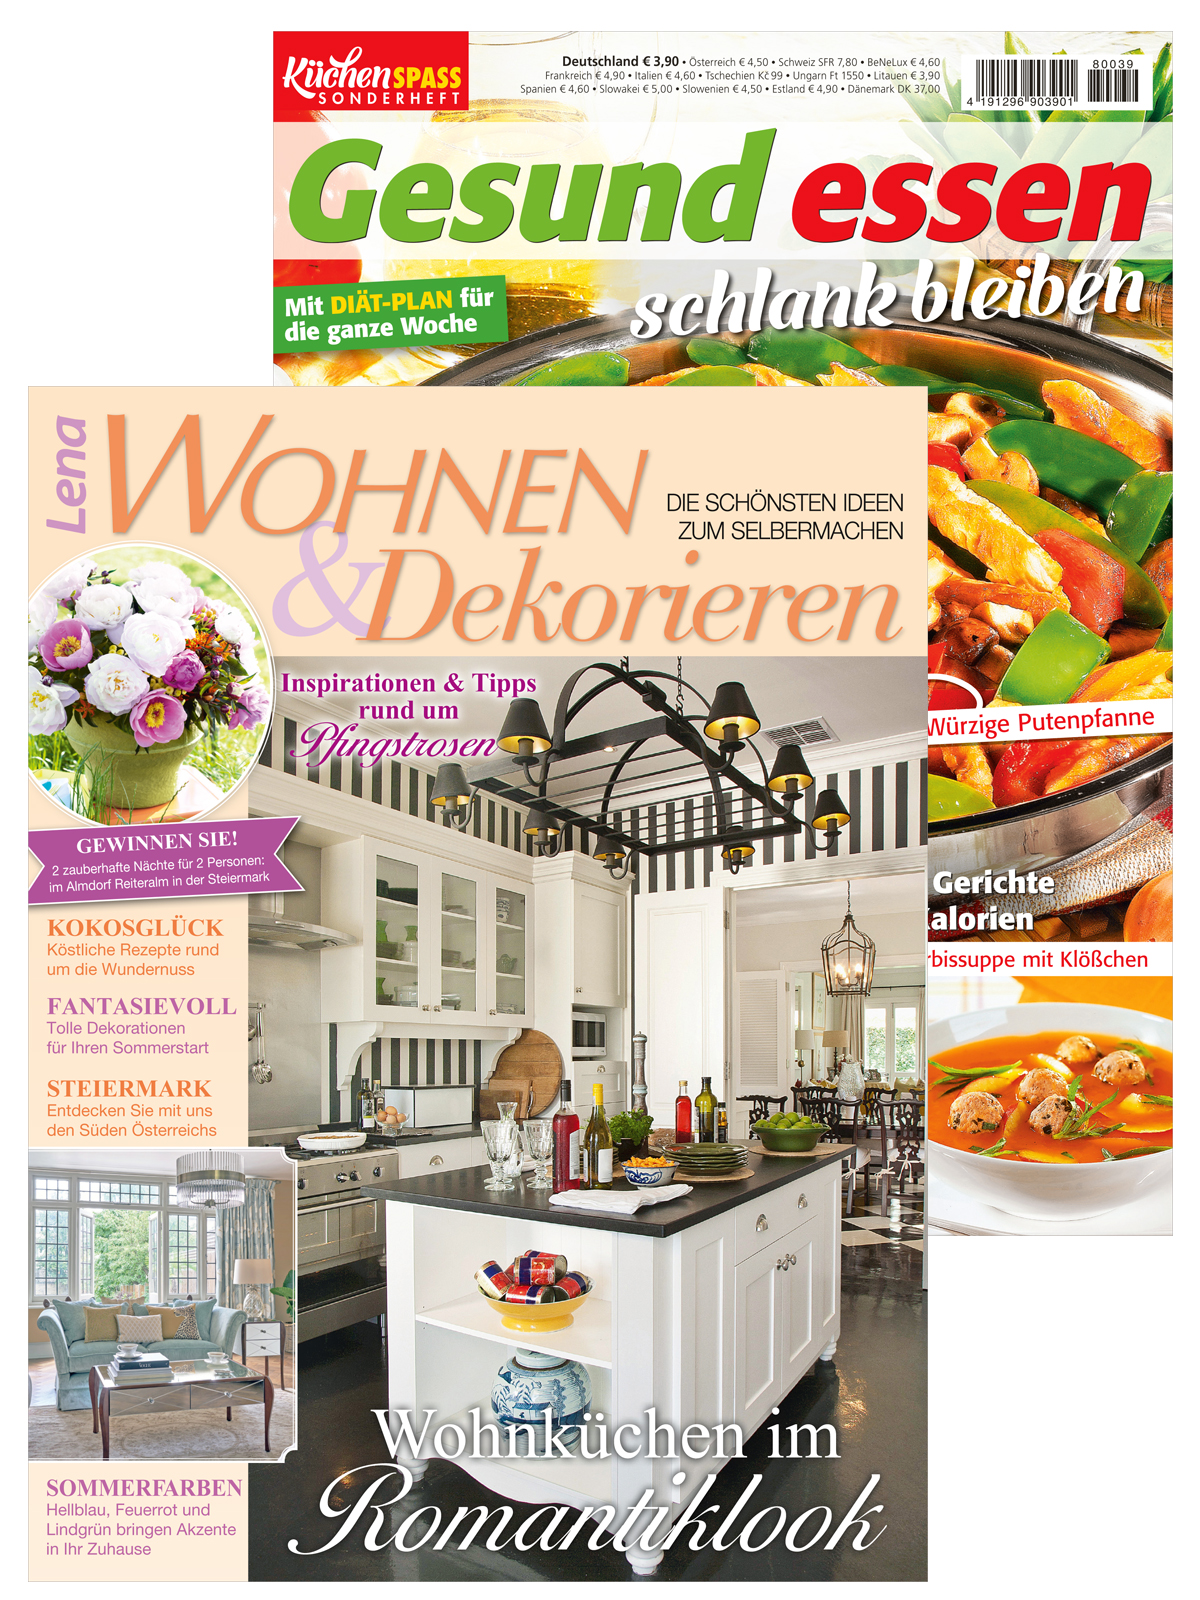 Zwei Zeitschriften: Lena Wohnen & Dekorieren Nr. 3/2018 und Gesund essen - schlank bleiben